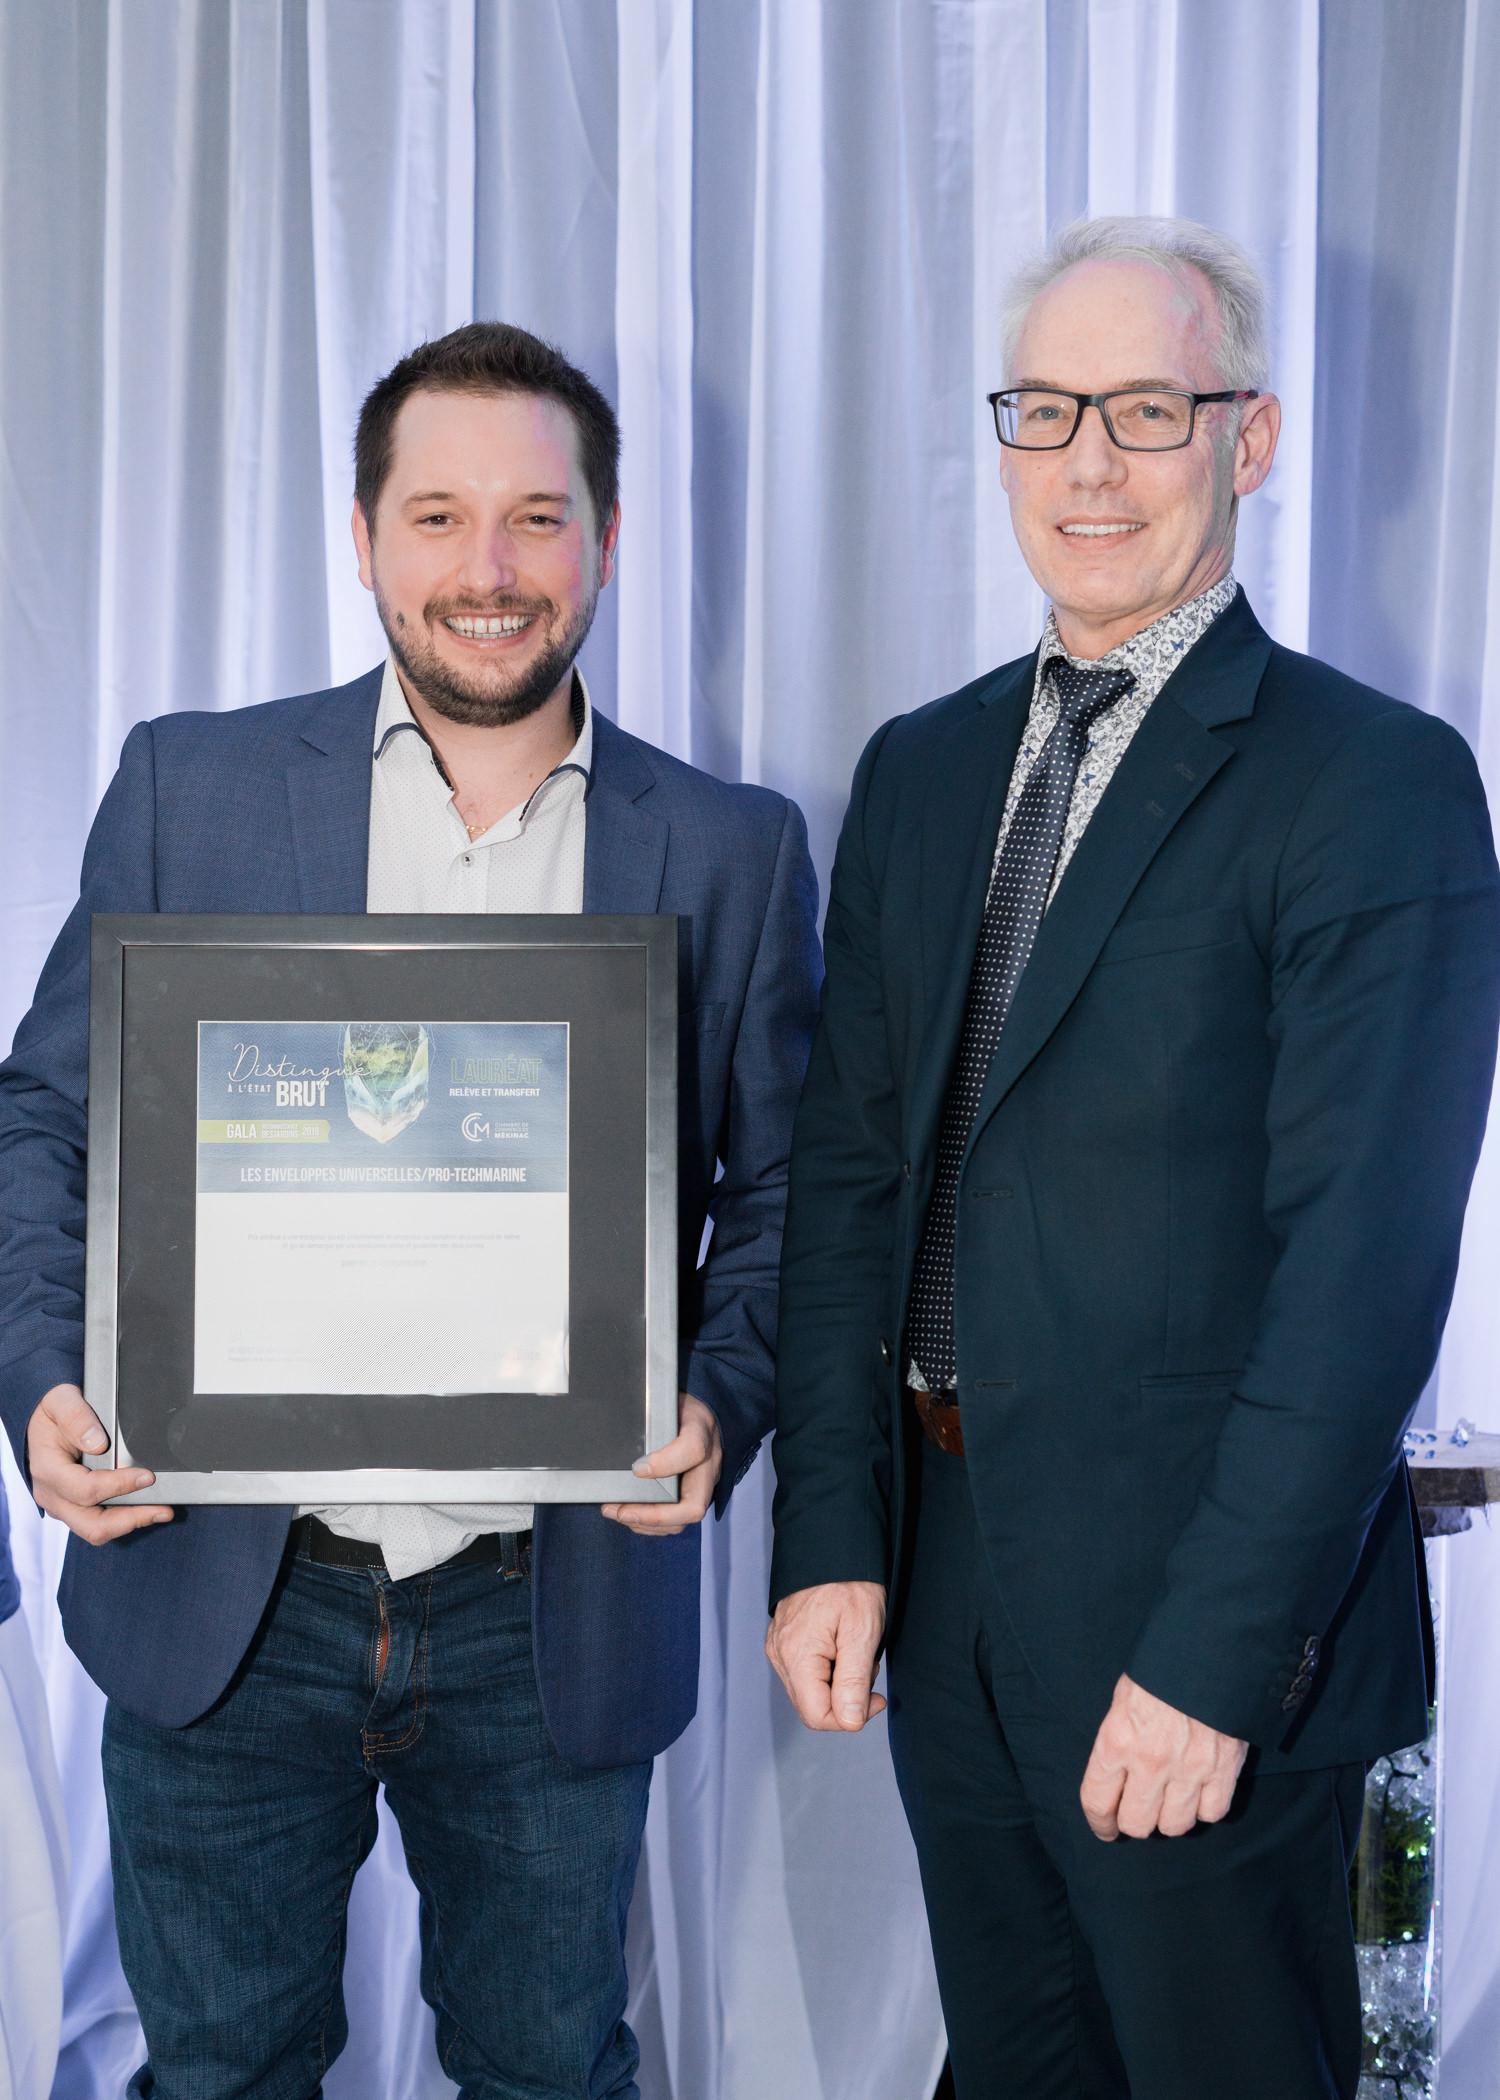 Gala reconnaissance Desjardins 2019 - Relève et transfert - Lauréat Les enveloppes universelles-ProTechMarine